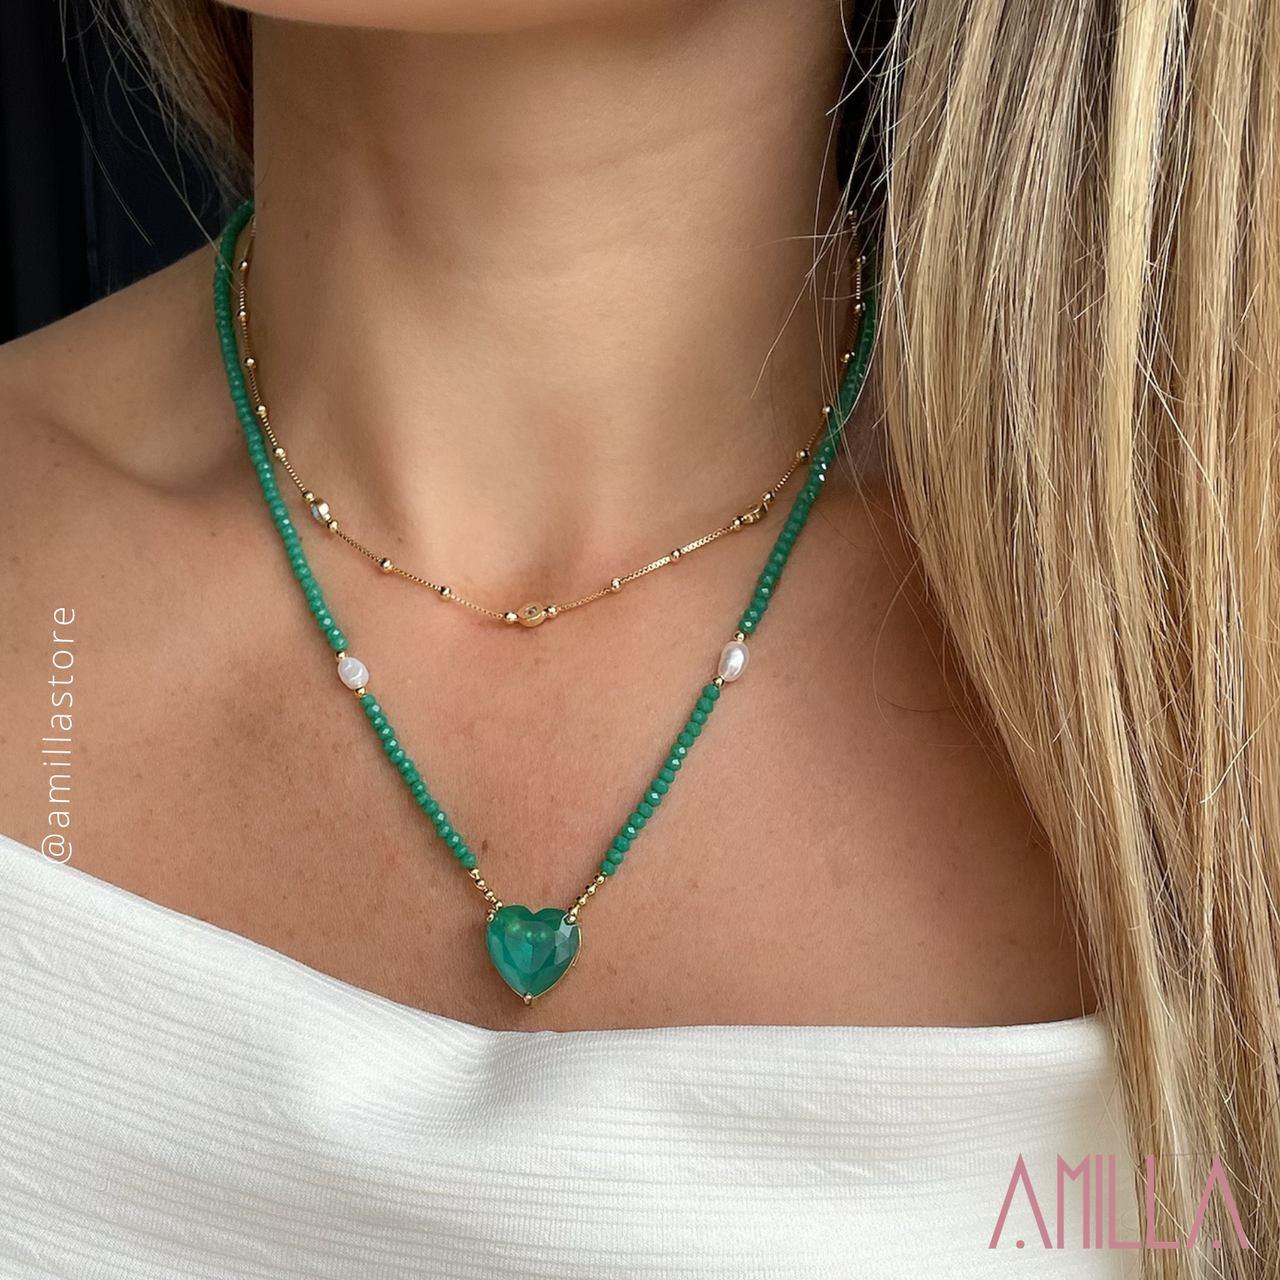 Colar Pedras Verdes Coração Esmeralda Banho Ouro